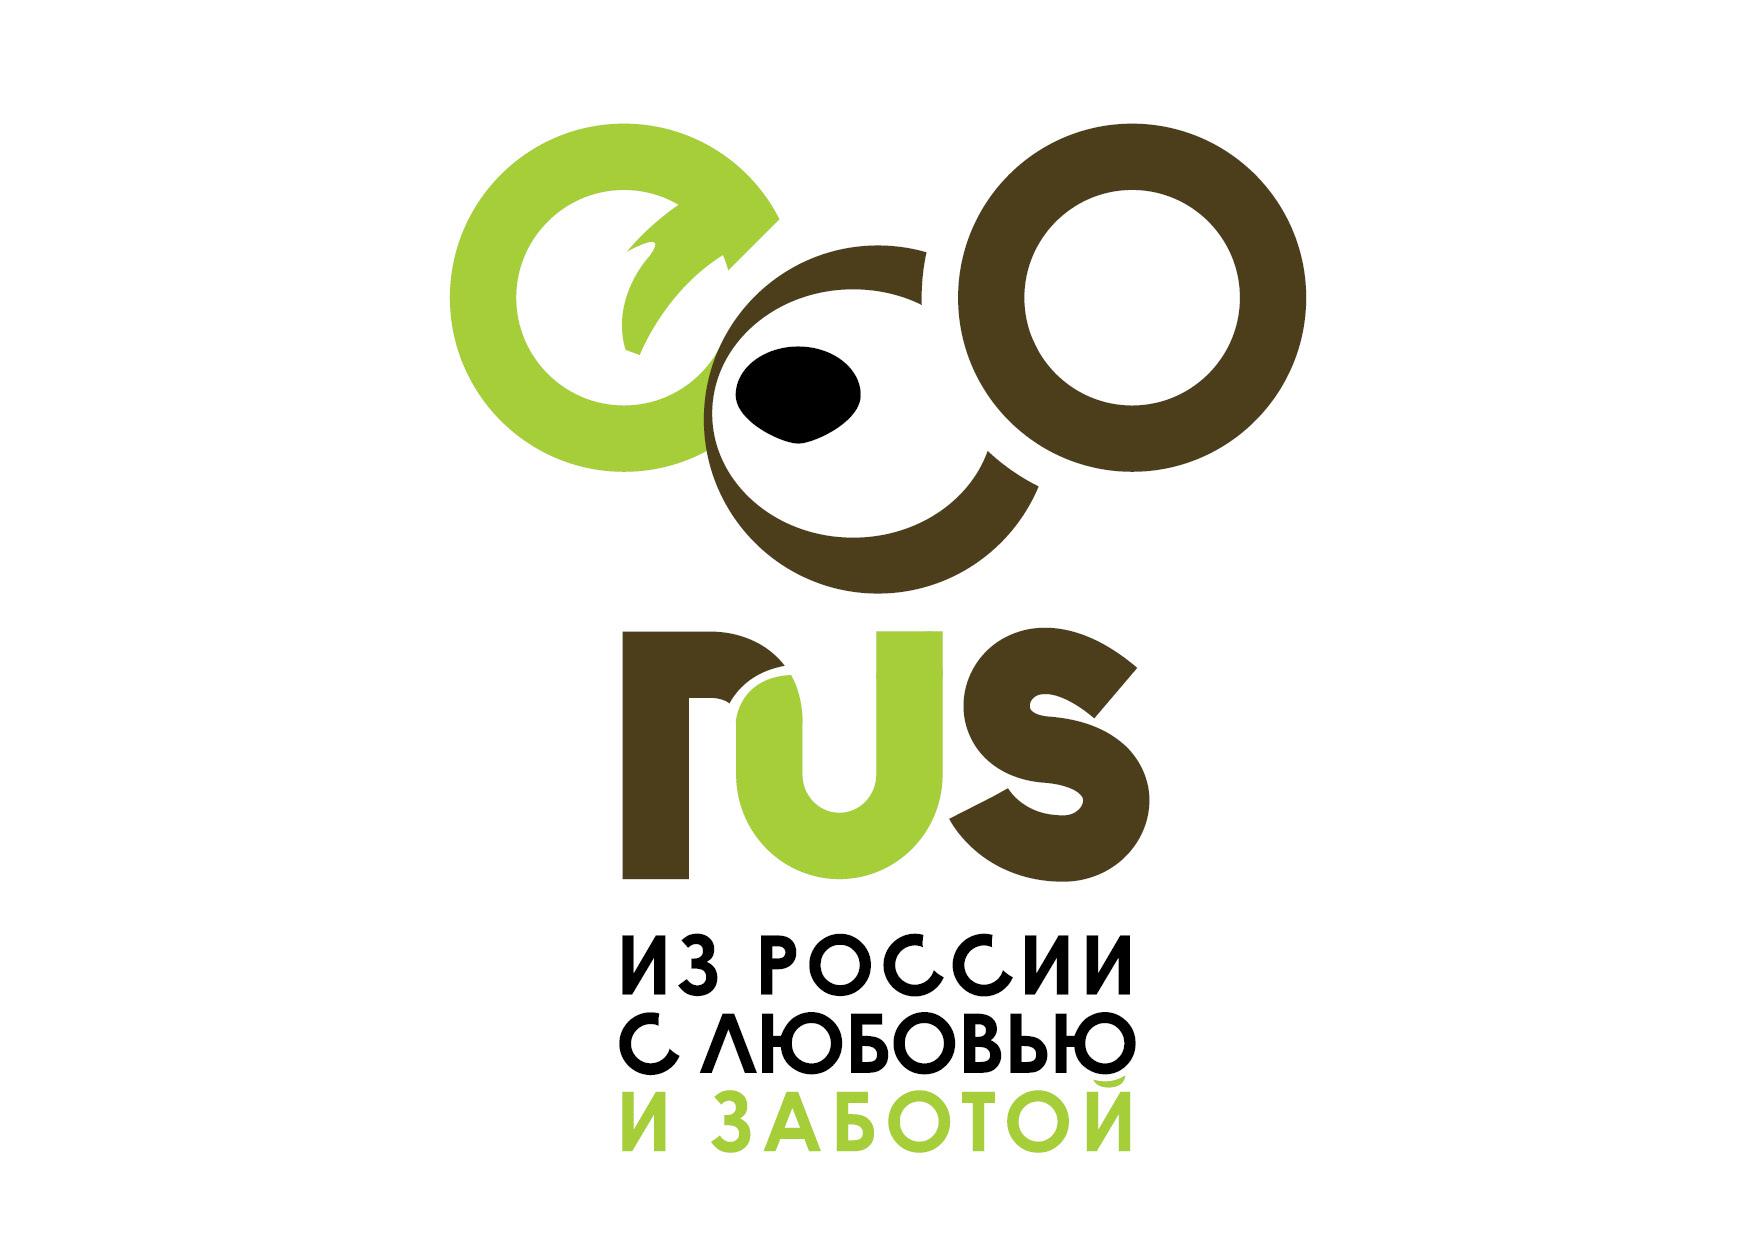 Логотип для поставщика продуктов питания из России в Китай фото f_2385eb41d06d1307.jpg